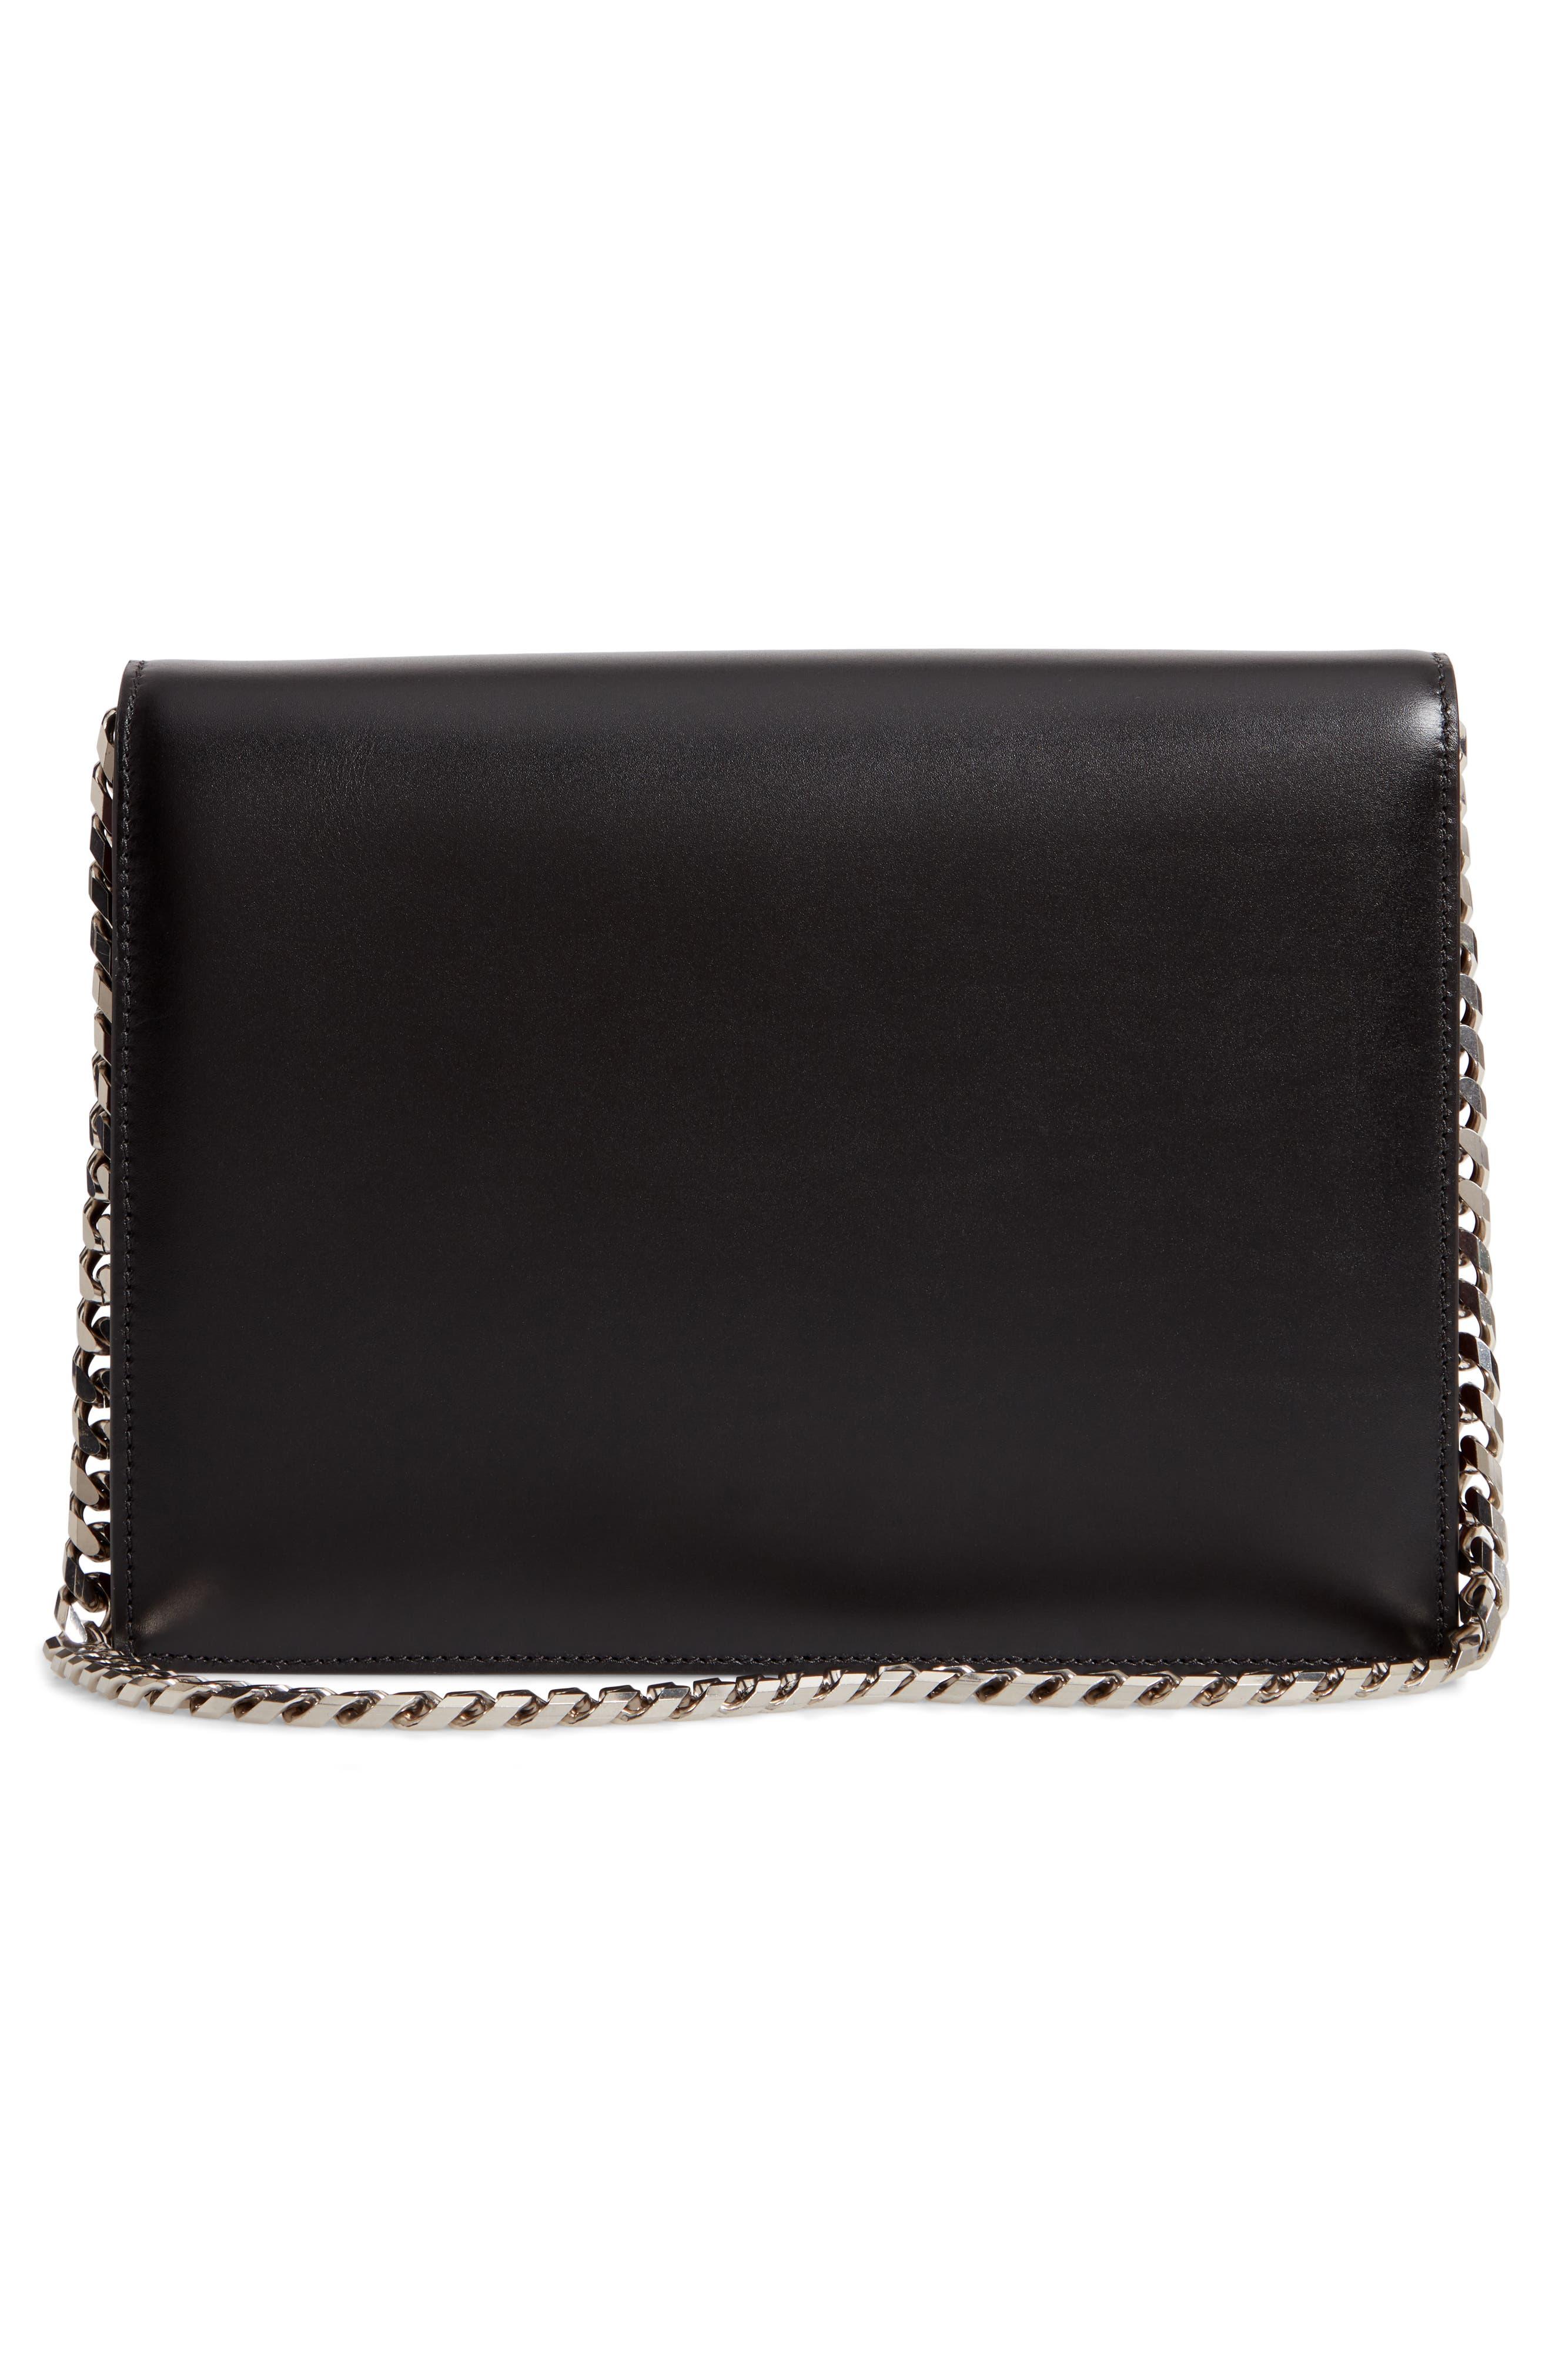 Pin Calfskin Leather Shoulder Bag,                             Alternate thumbnail 3, color,